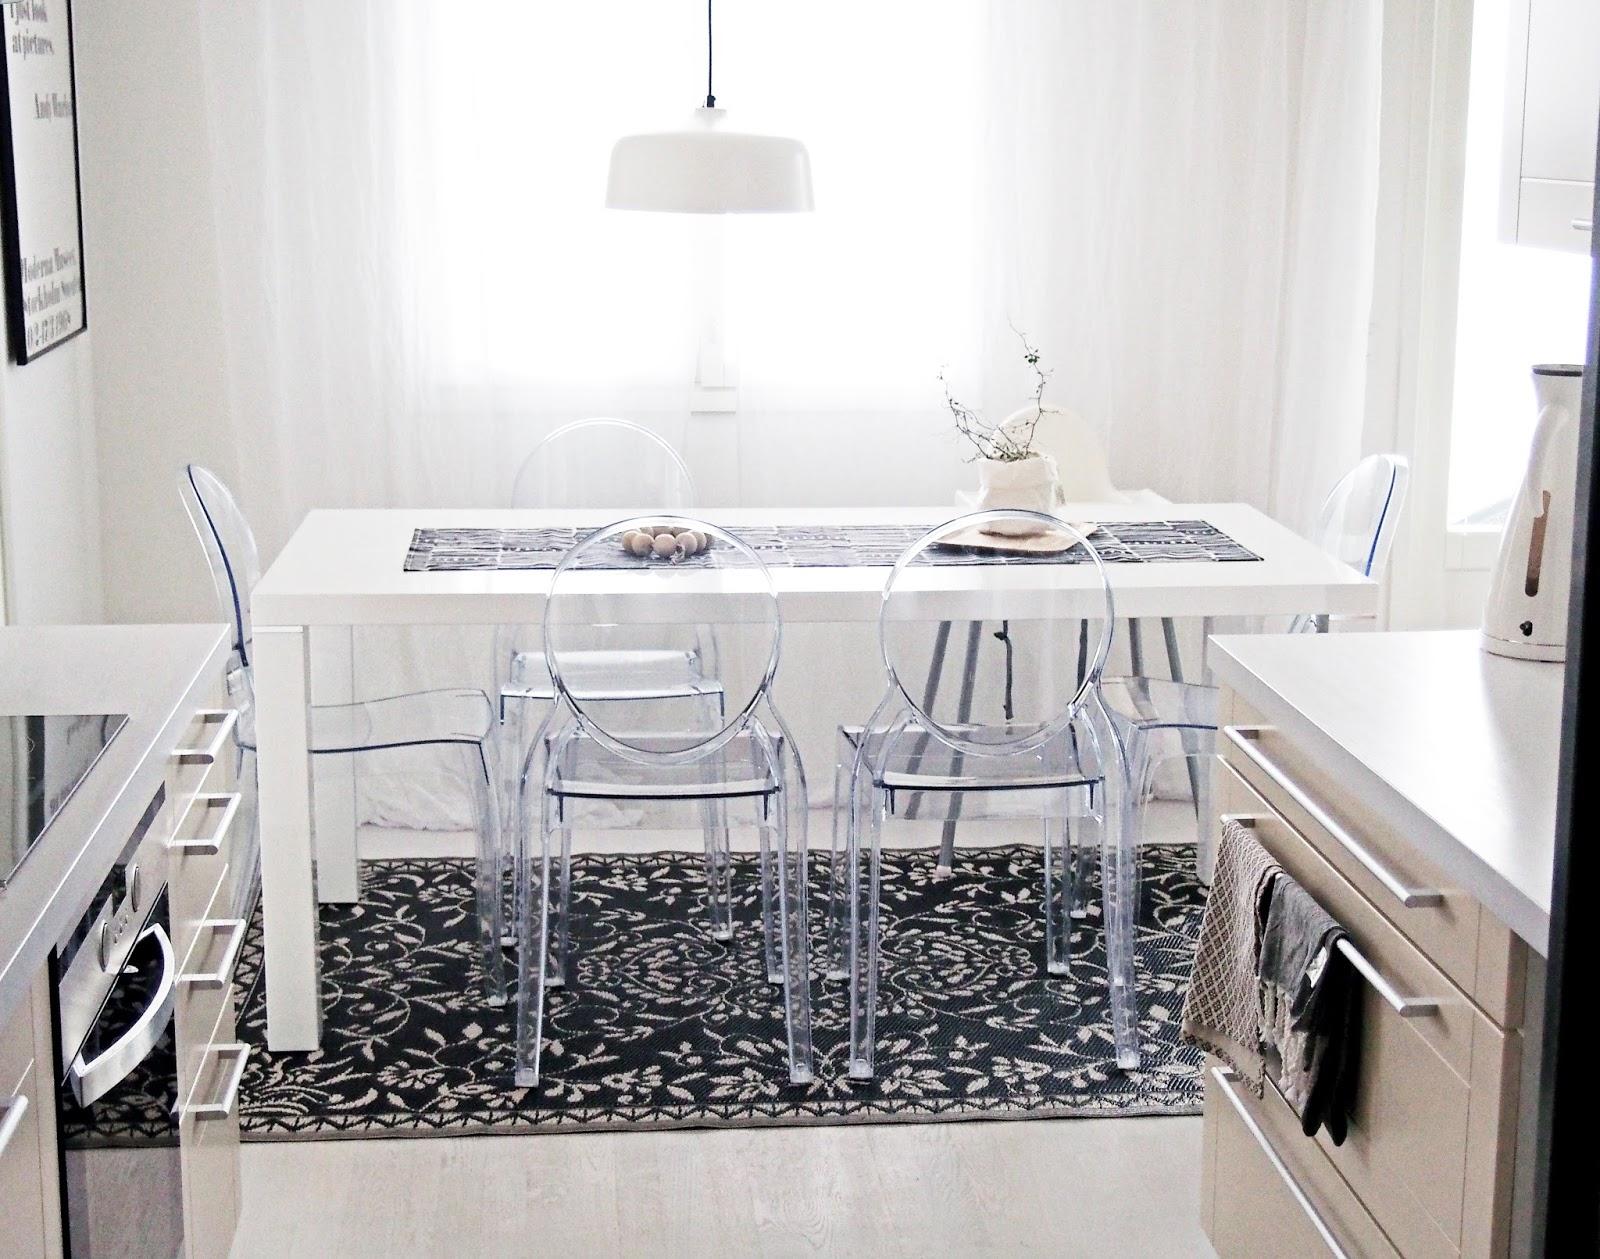 Se keittiön matto näyttää nyt tältä, mielipiteitä kaivataan  Valkoisen vuore